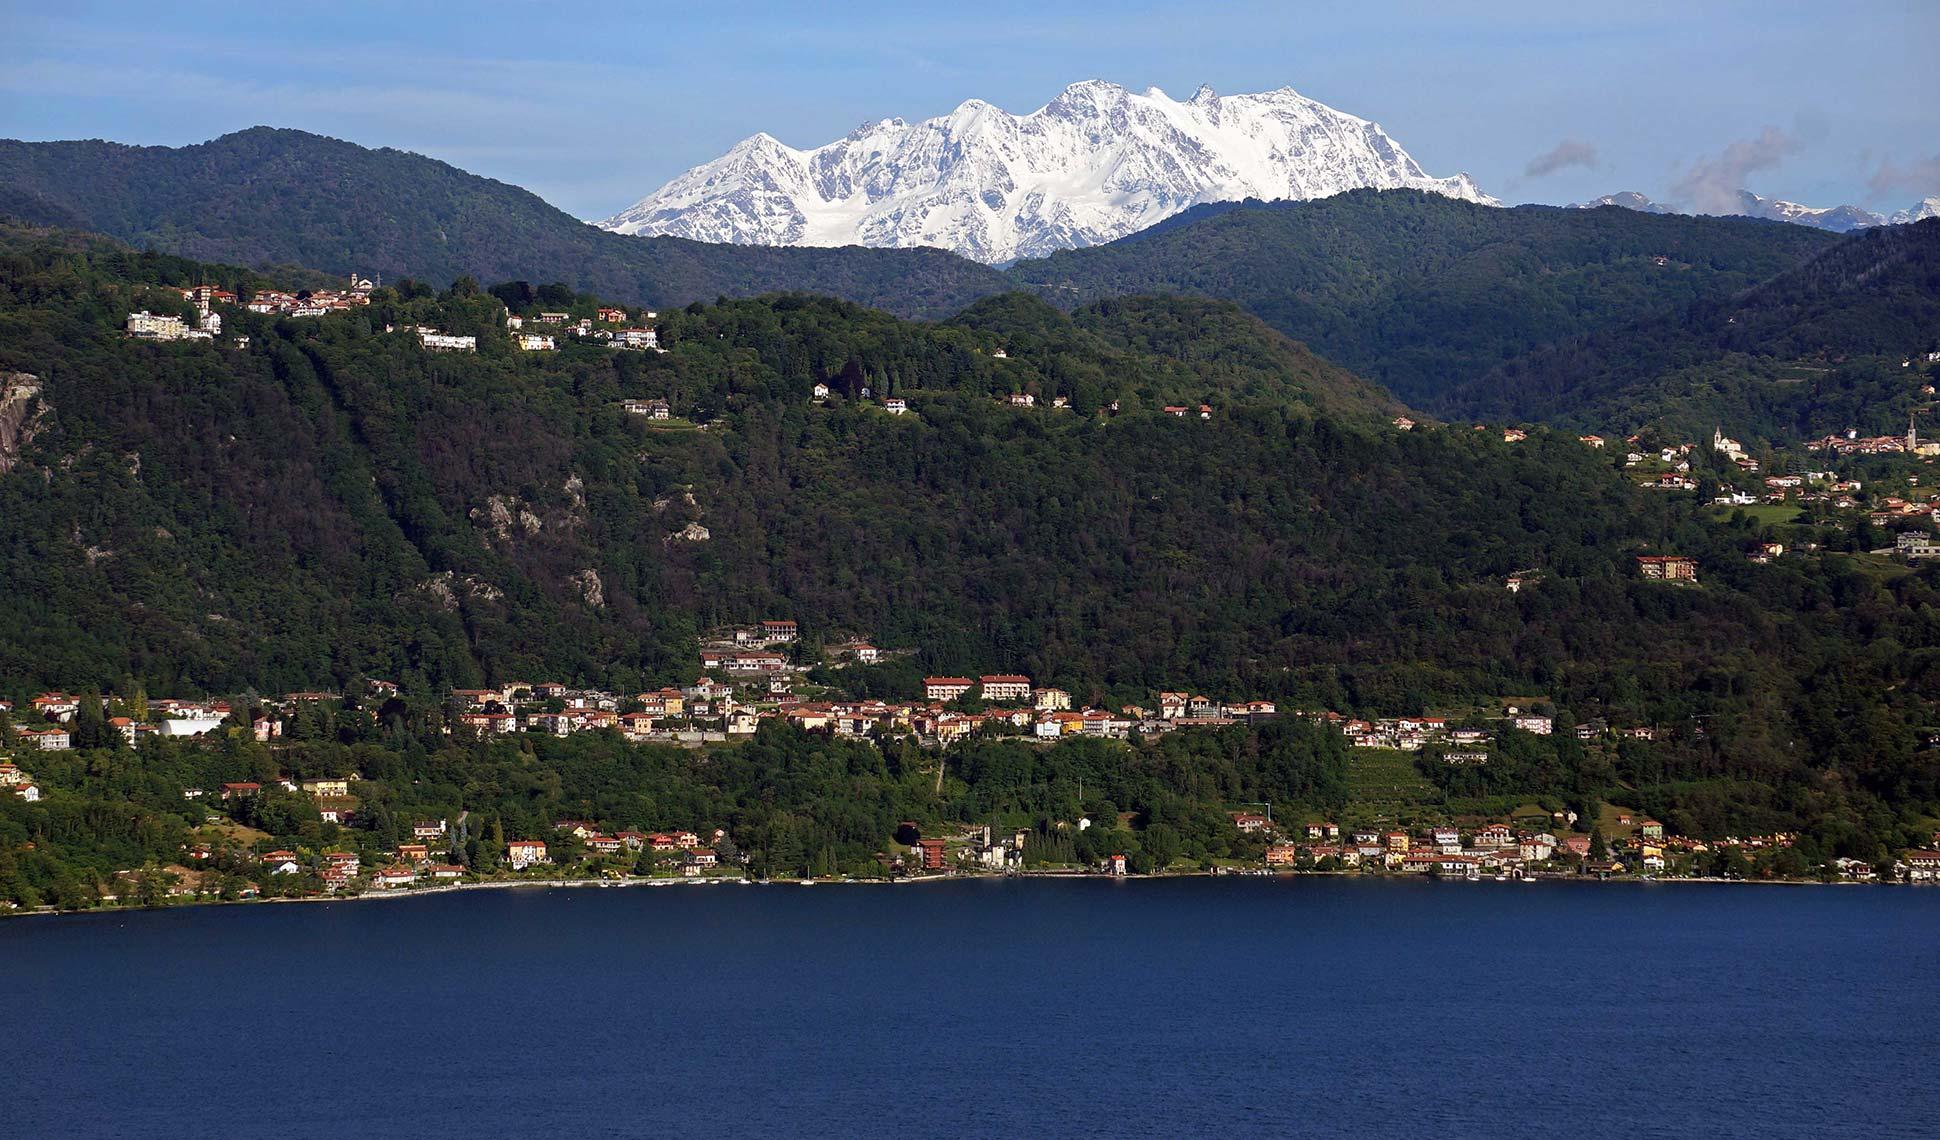 9-il-Lago-dOrta-e-il-Monte-Rosa-da-Via-Prisciola